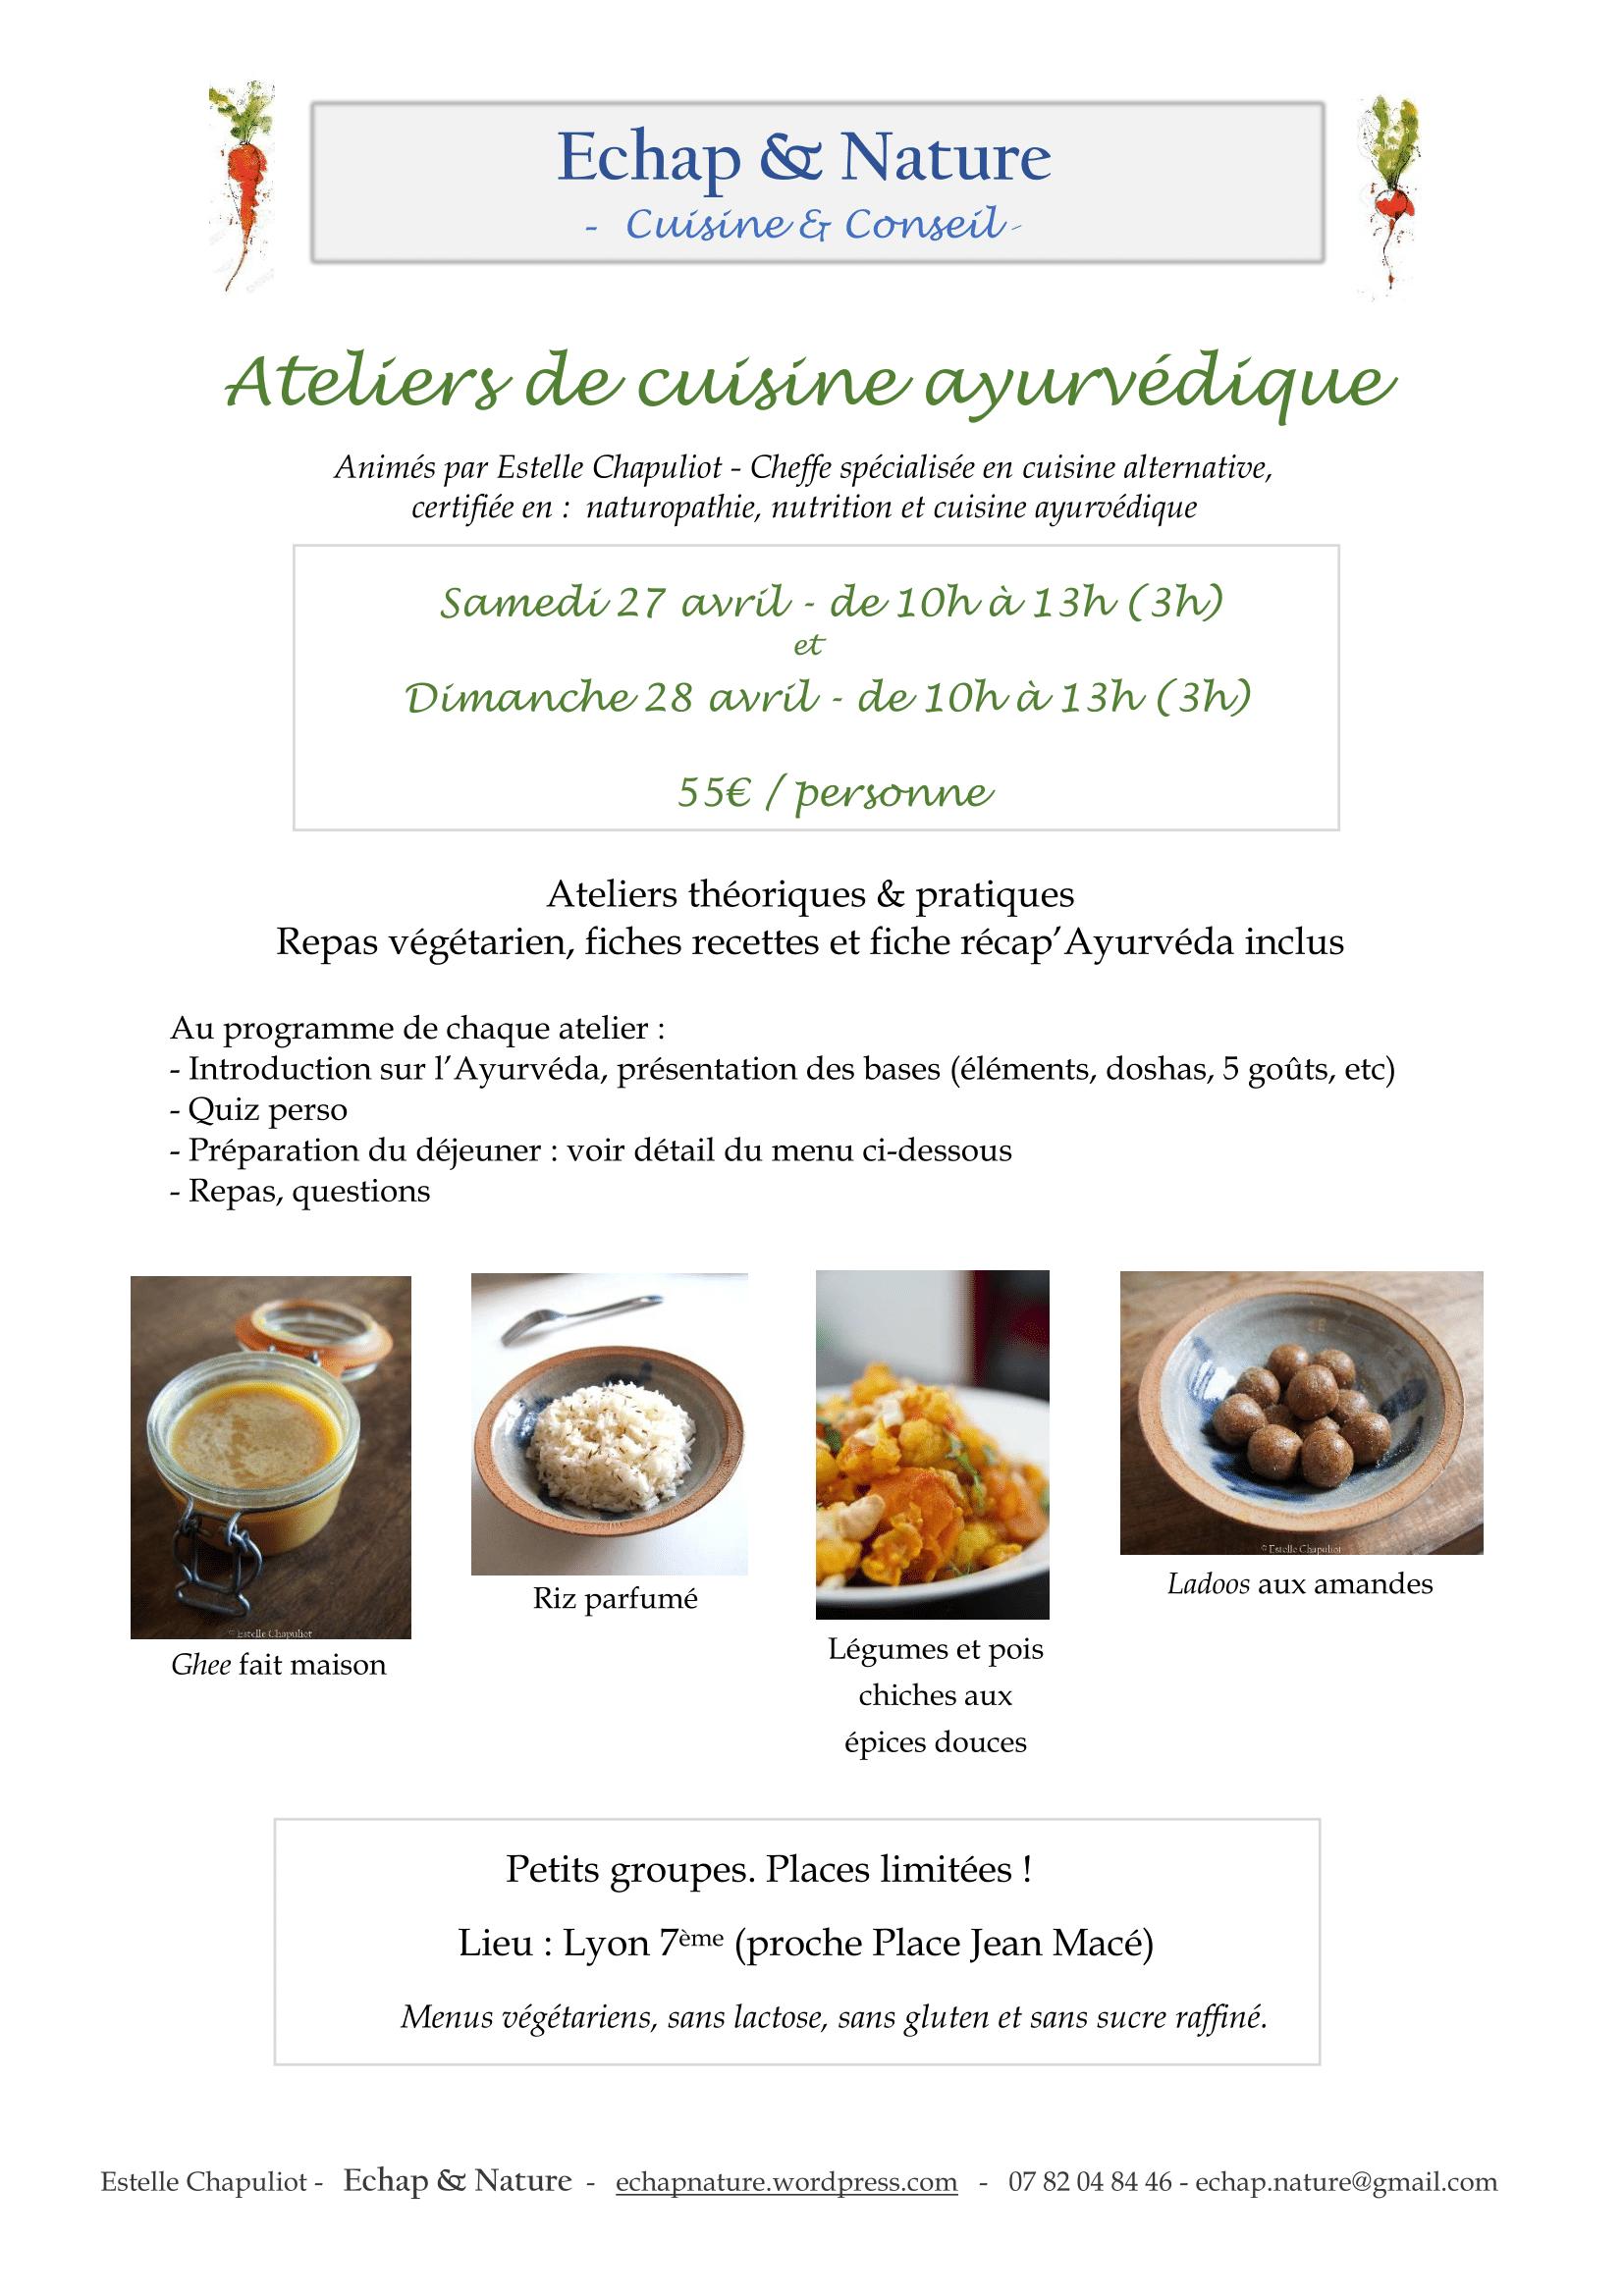 2019.04.03 Cours de cuisine ayurvédique - avril 2019.png